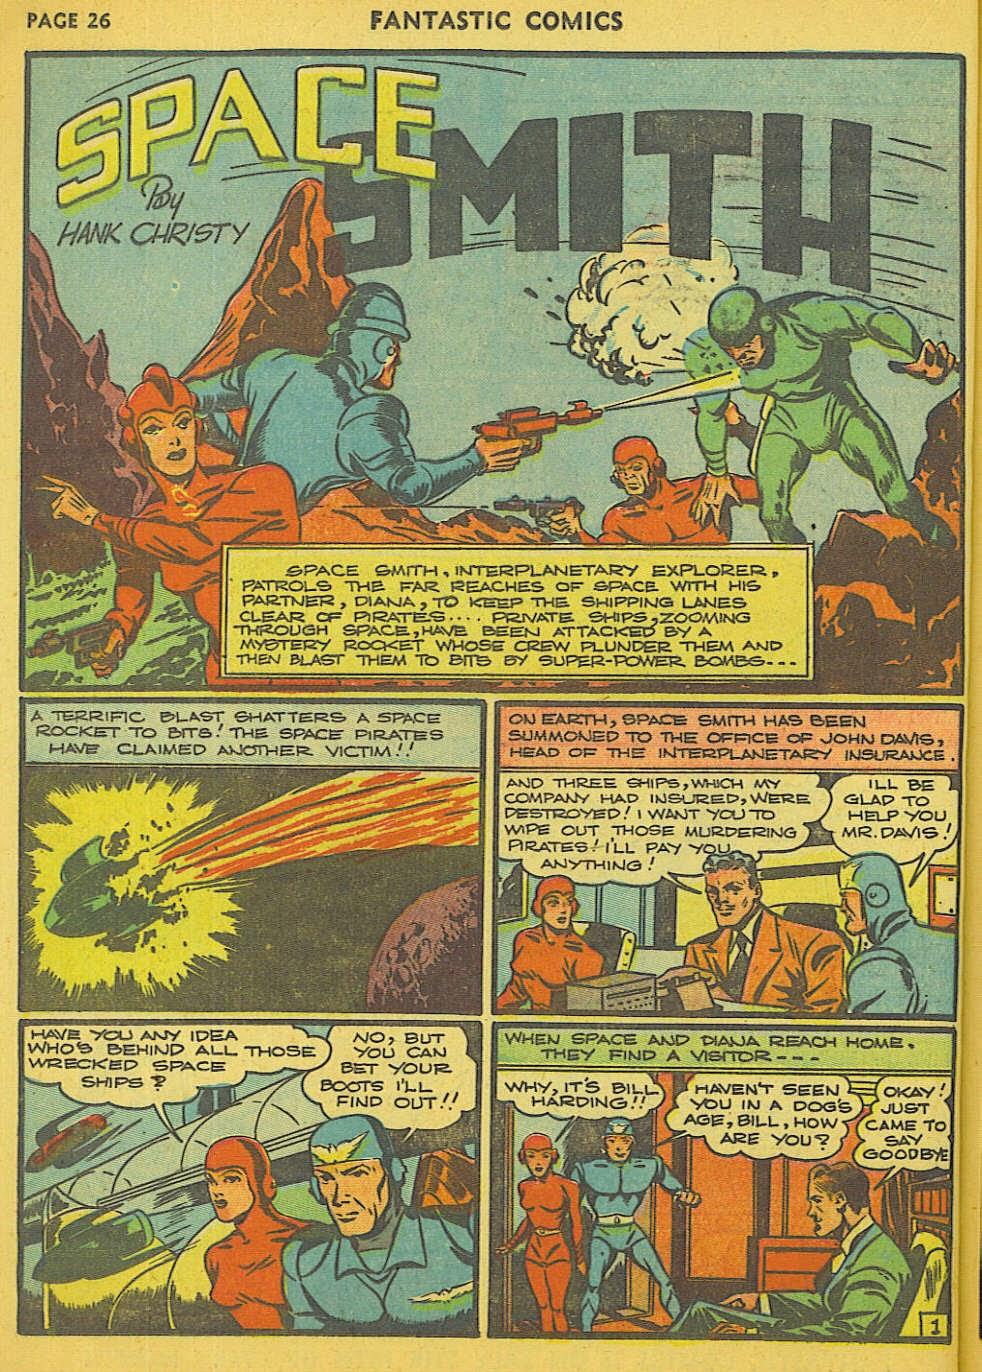 Read online Fantastic Comics comic -  Issue #15 - 20